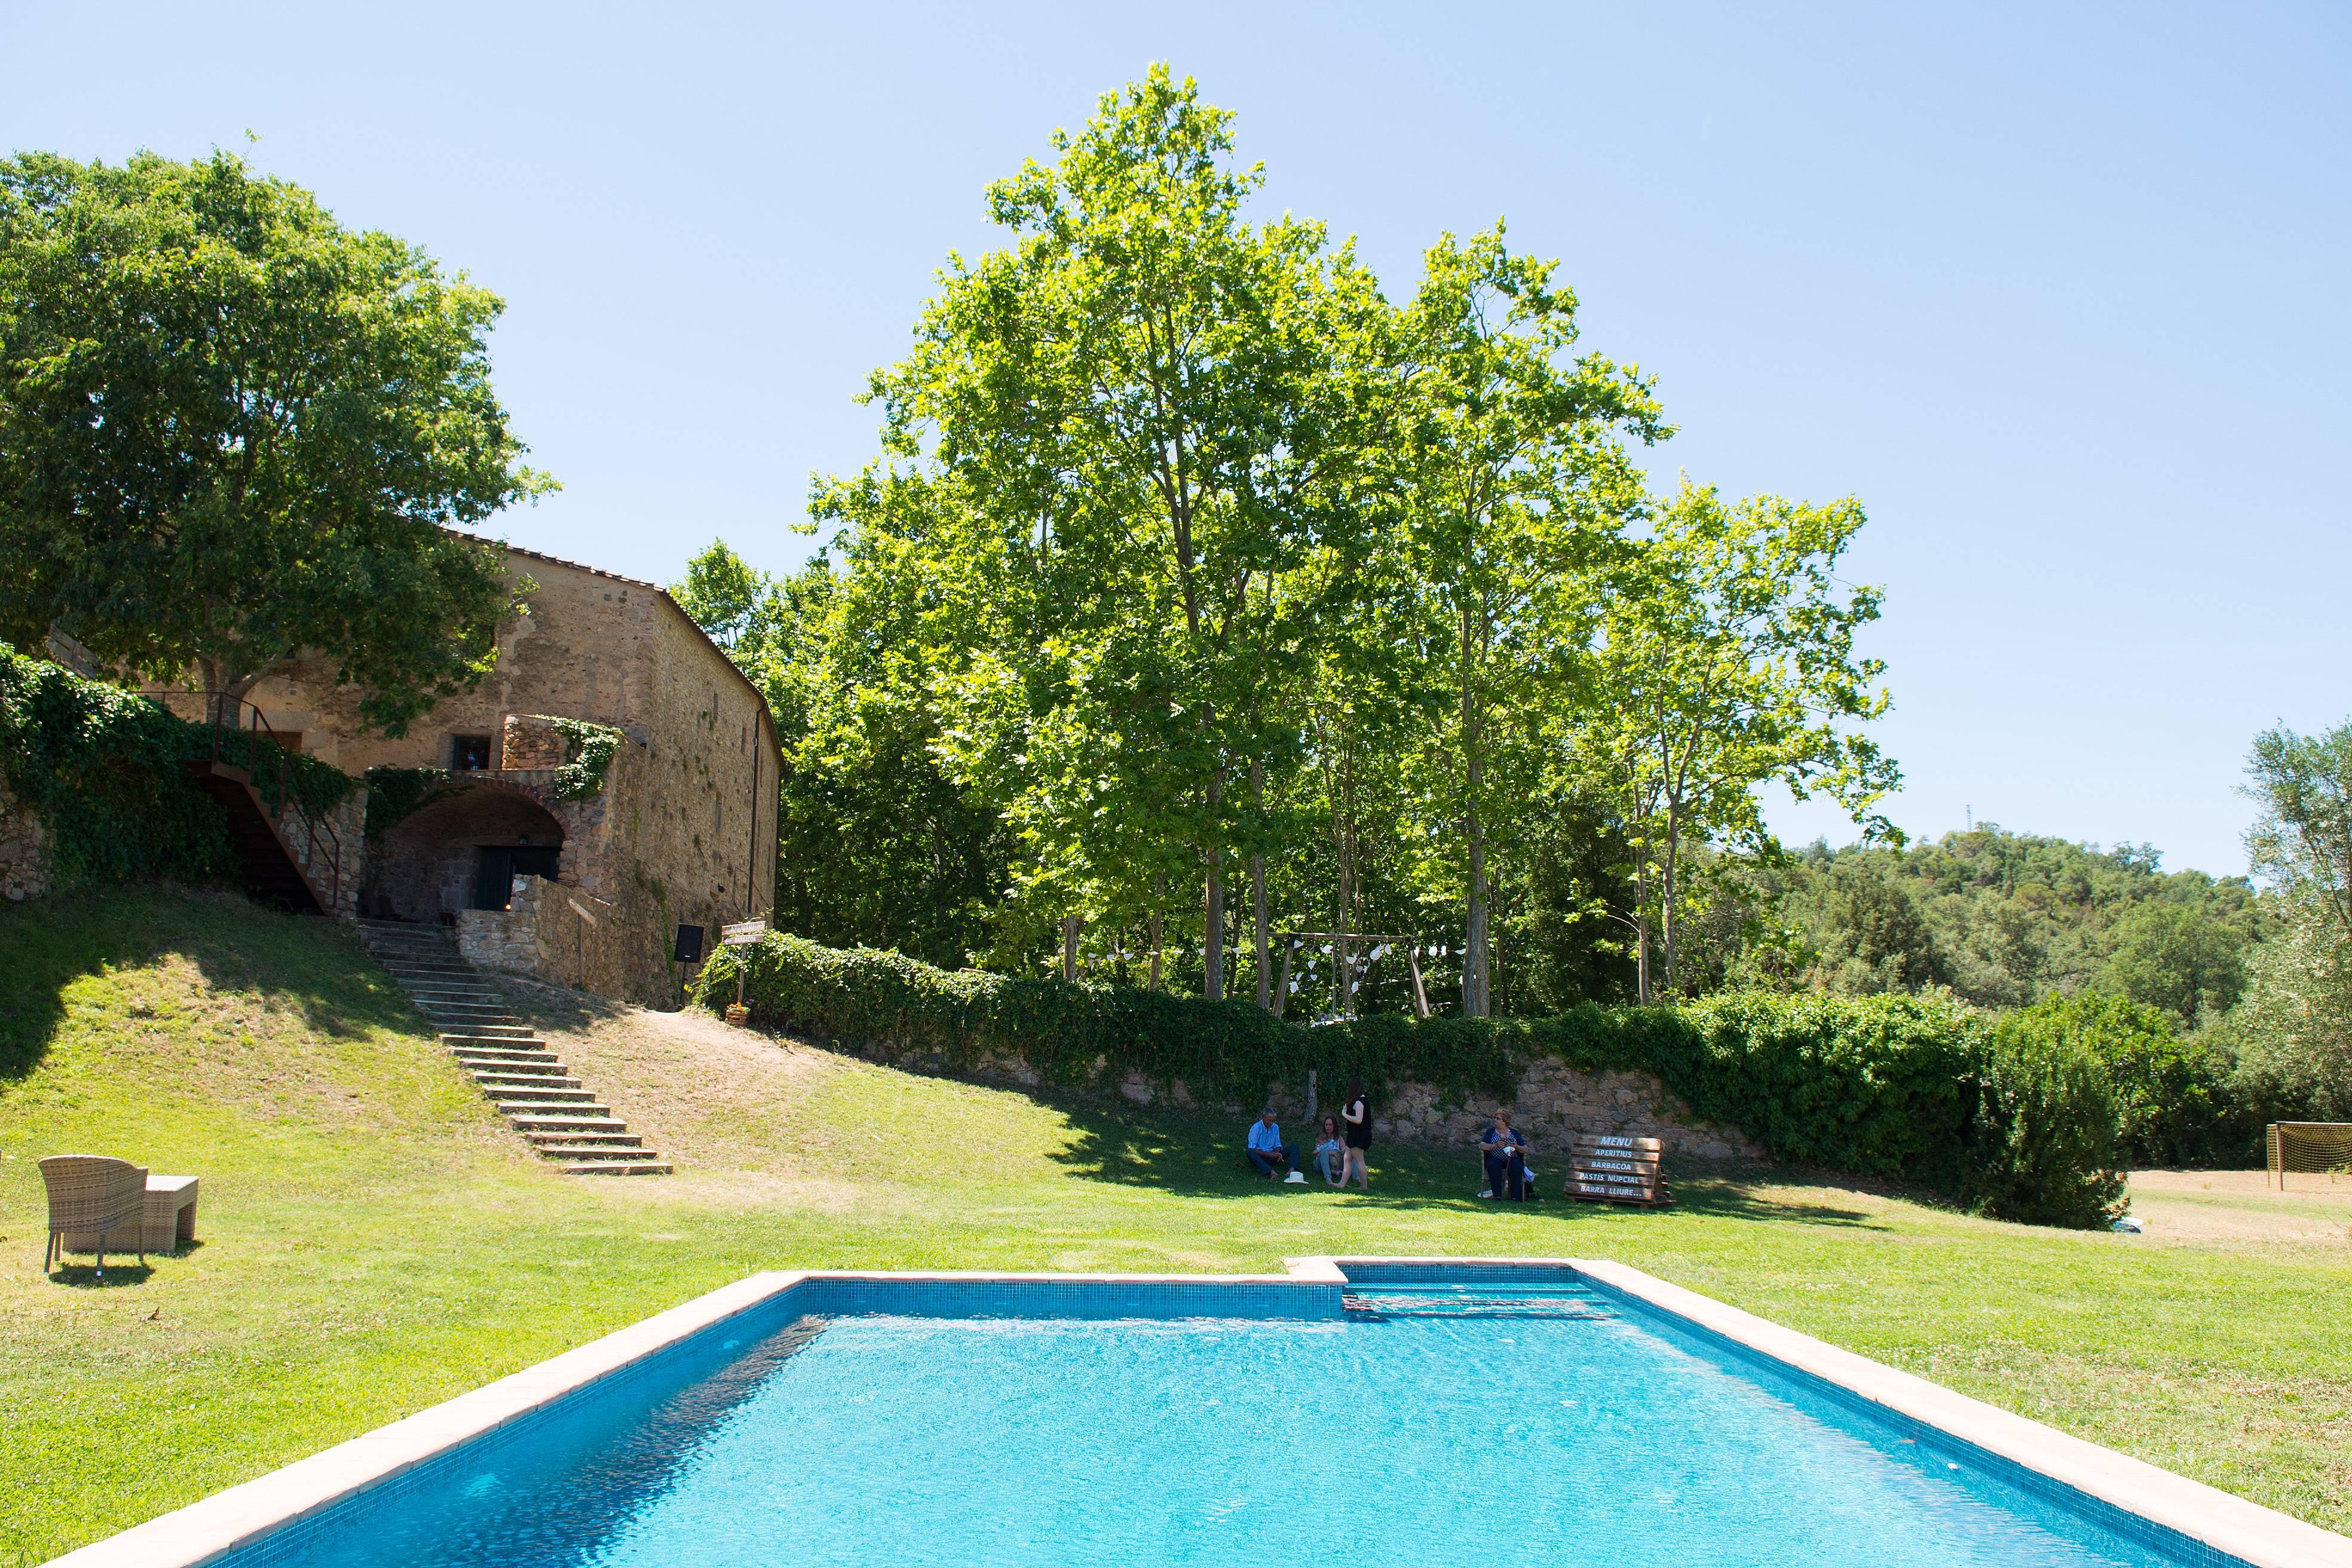 4 casas con piscina calonge girona costa brava - Piscina devesa girona ...